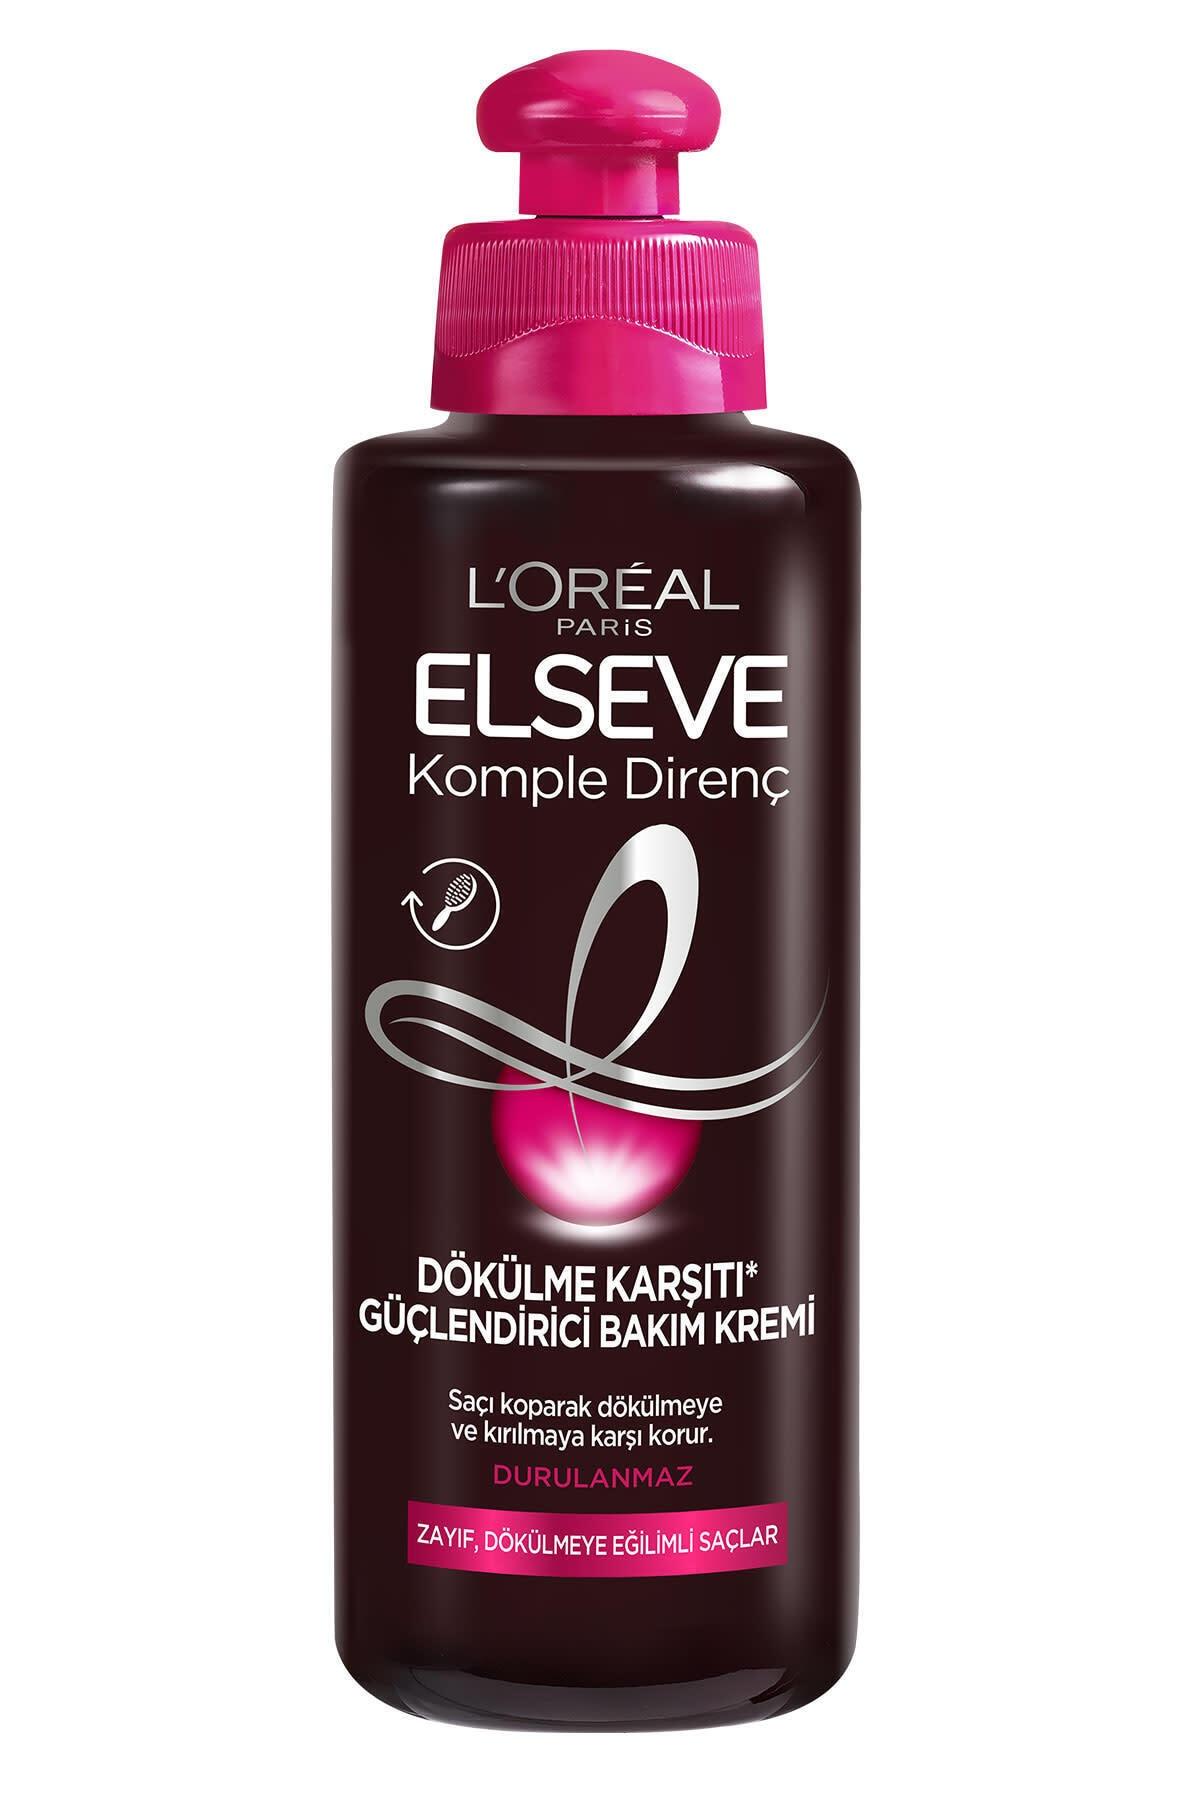 ELSEVE L'oréal Paris Komple Direnç Dökülme Karşıtı Güçlendirici Bakım Kremi 200 ml 2